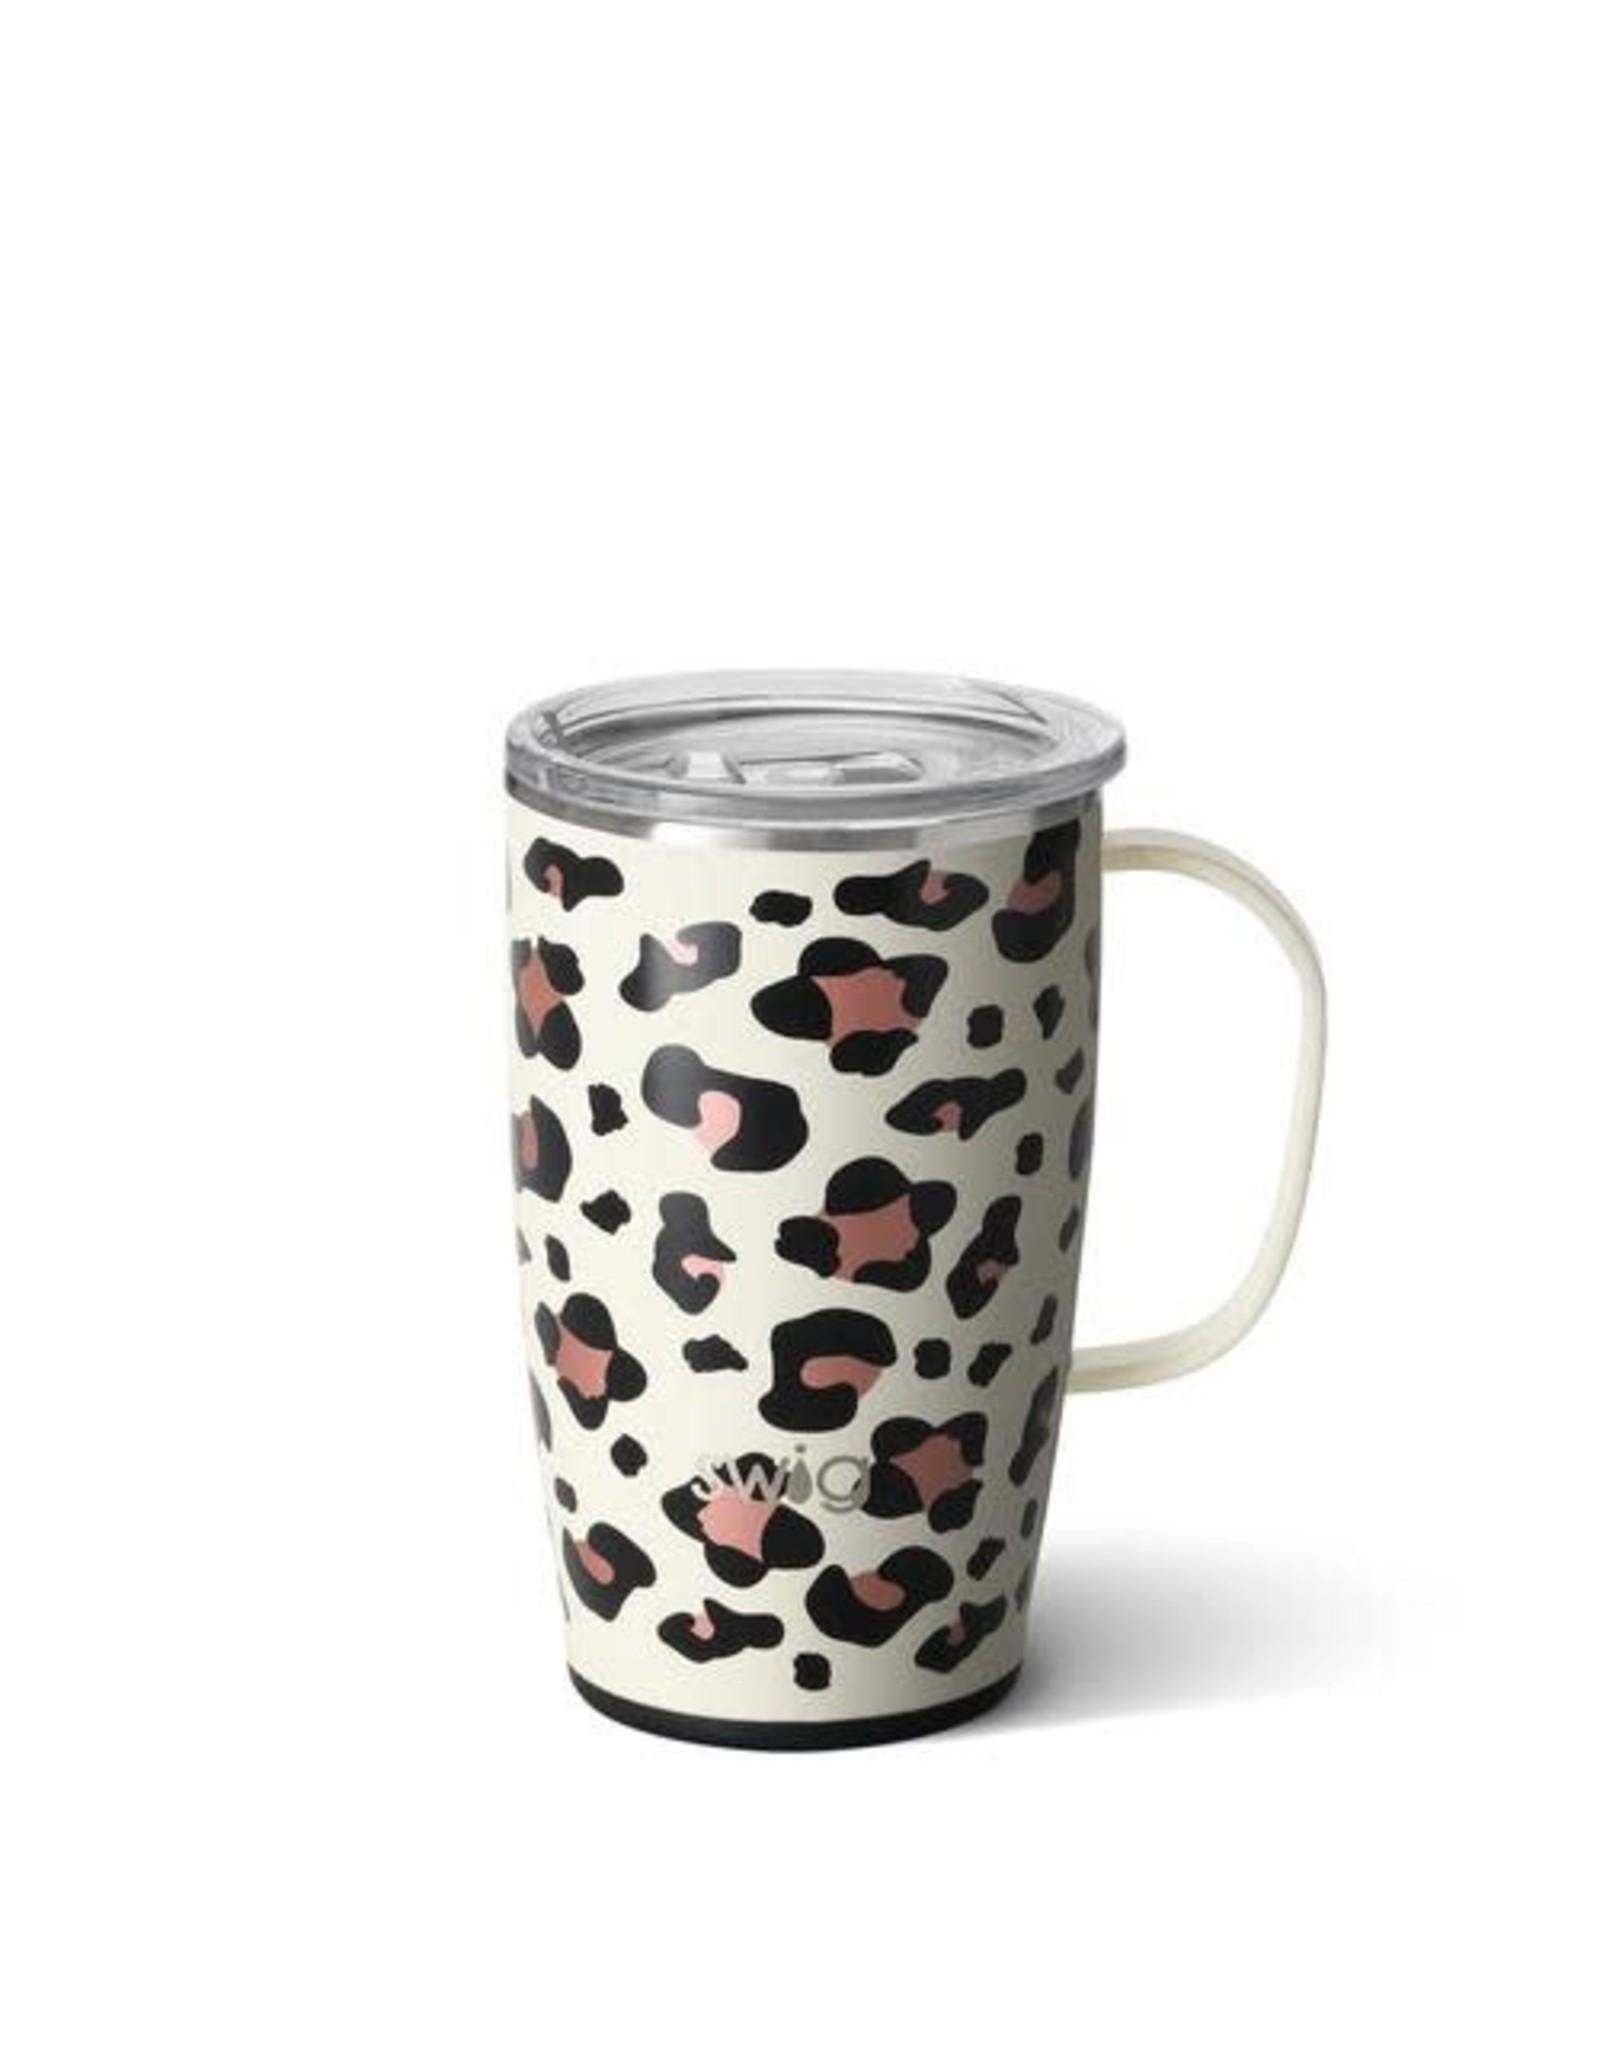 Swig 18 oz Mug - Luxy Leopard